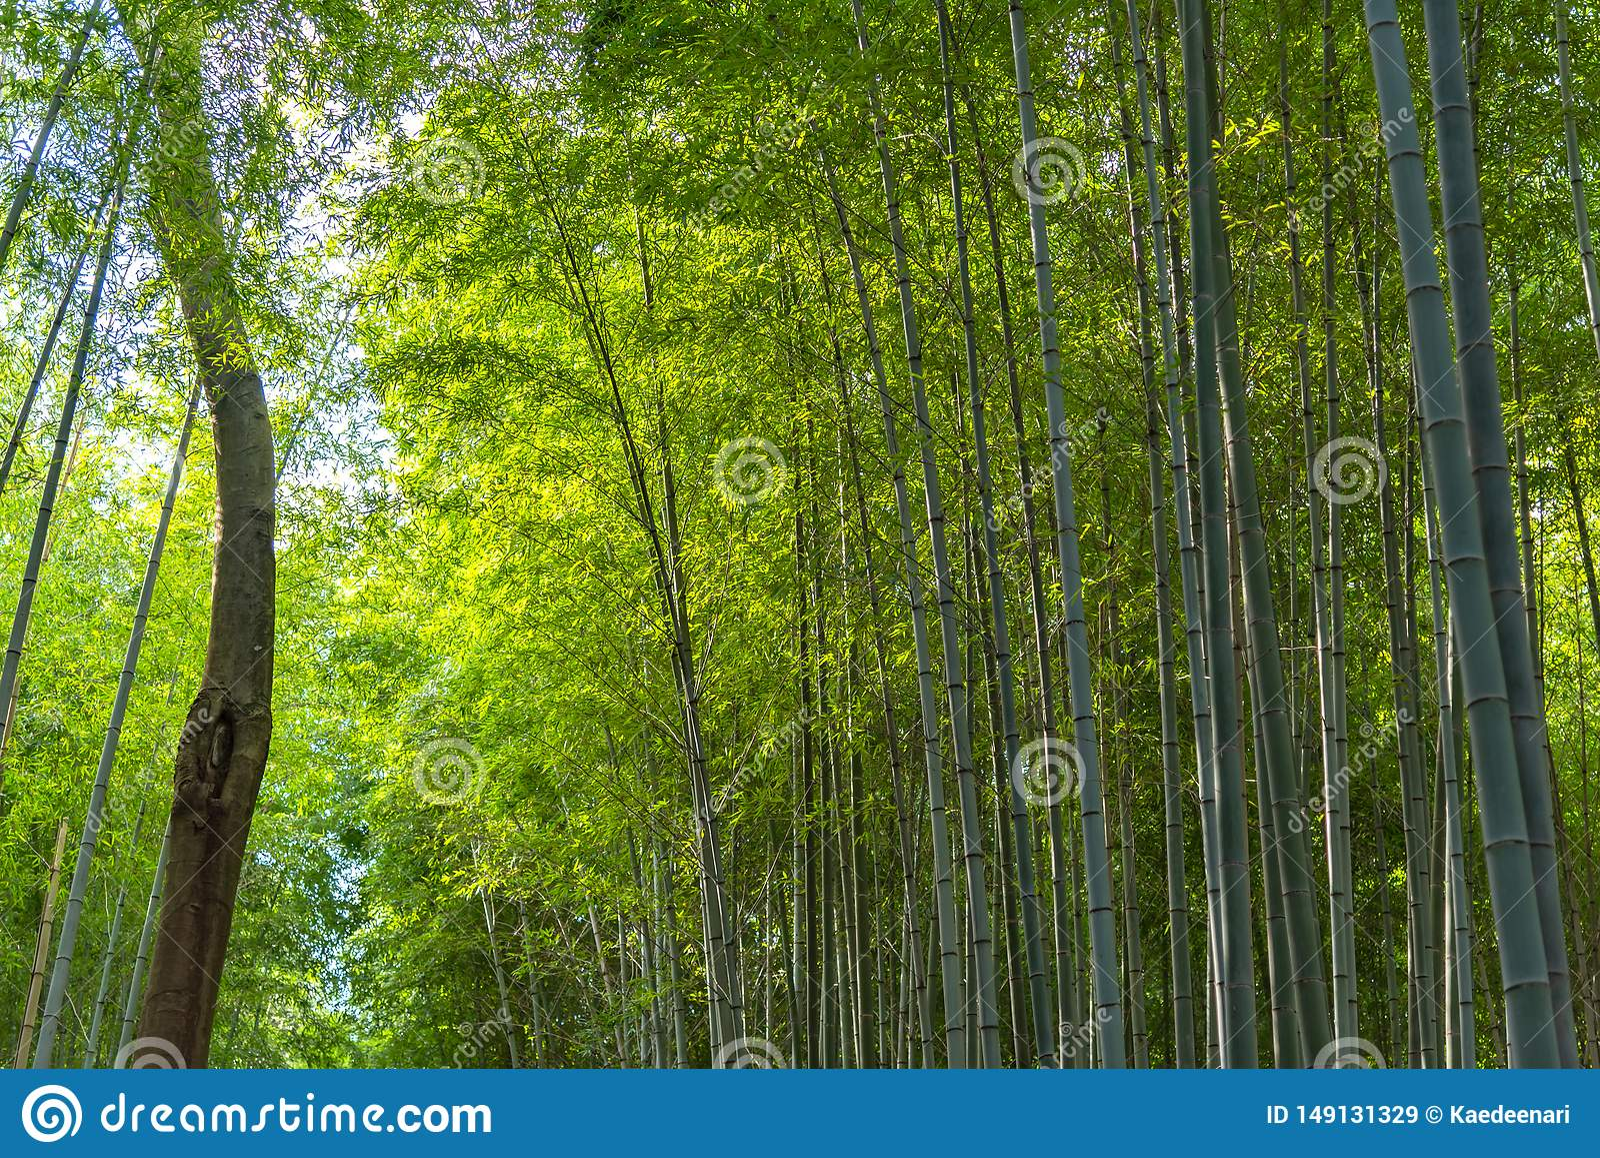 Arashiyama Bamboo Grove Zen garden, a natural forest of bamboo in Arashiyama, Kyoto